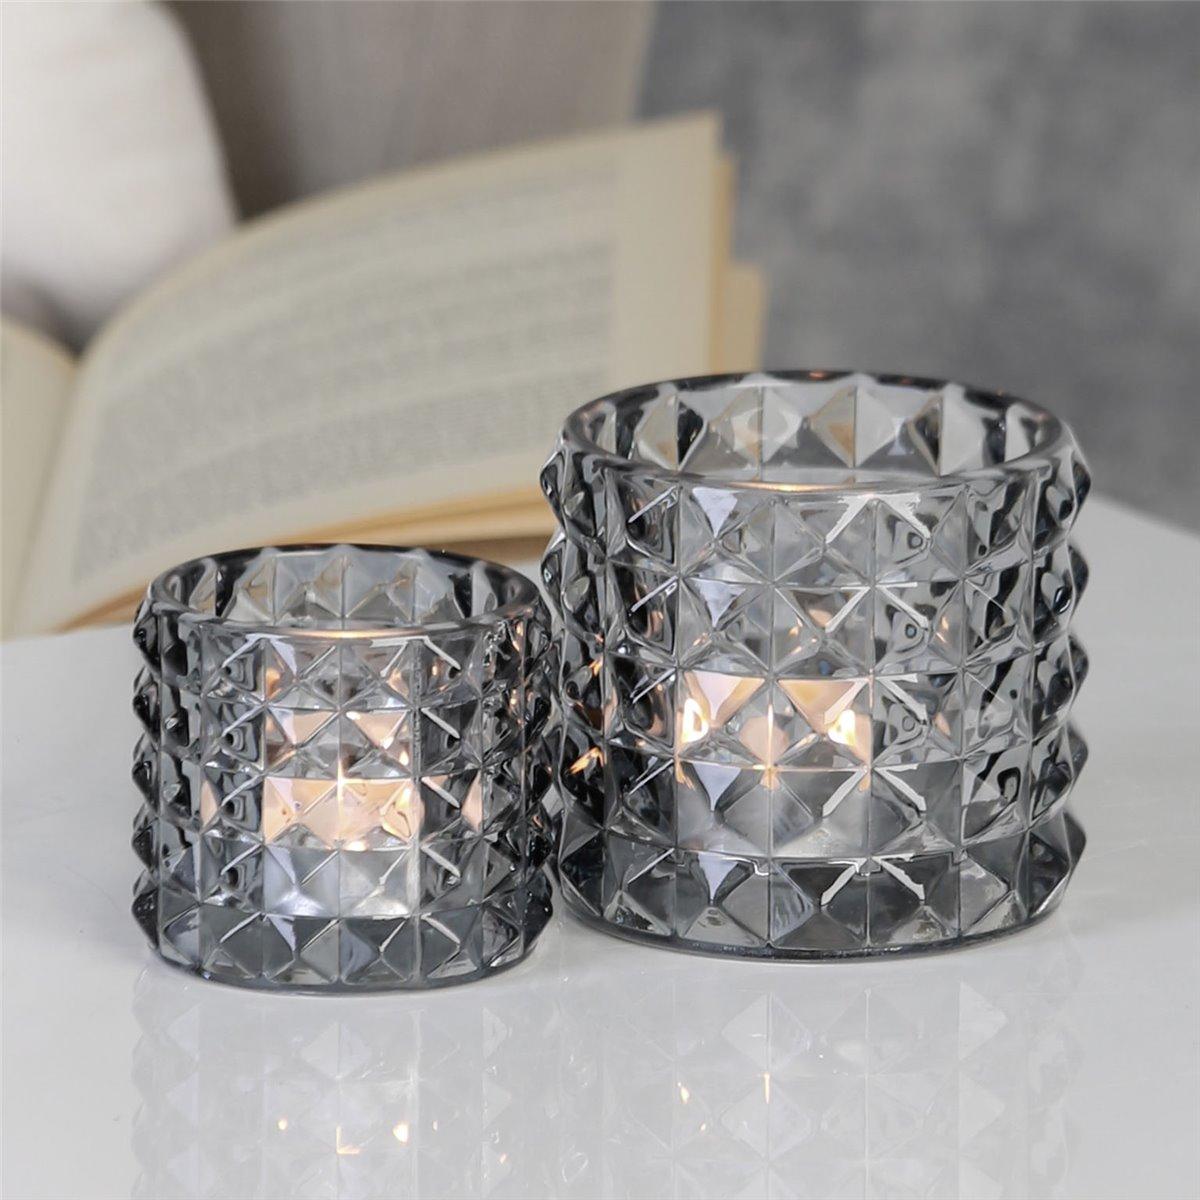 windlichter 2er set retro teelichthalter glas rauchfarben. Black Bedroom Furniture Sets. Home Design Ideas